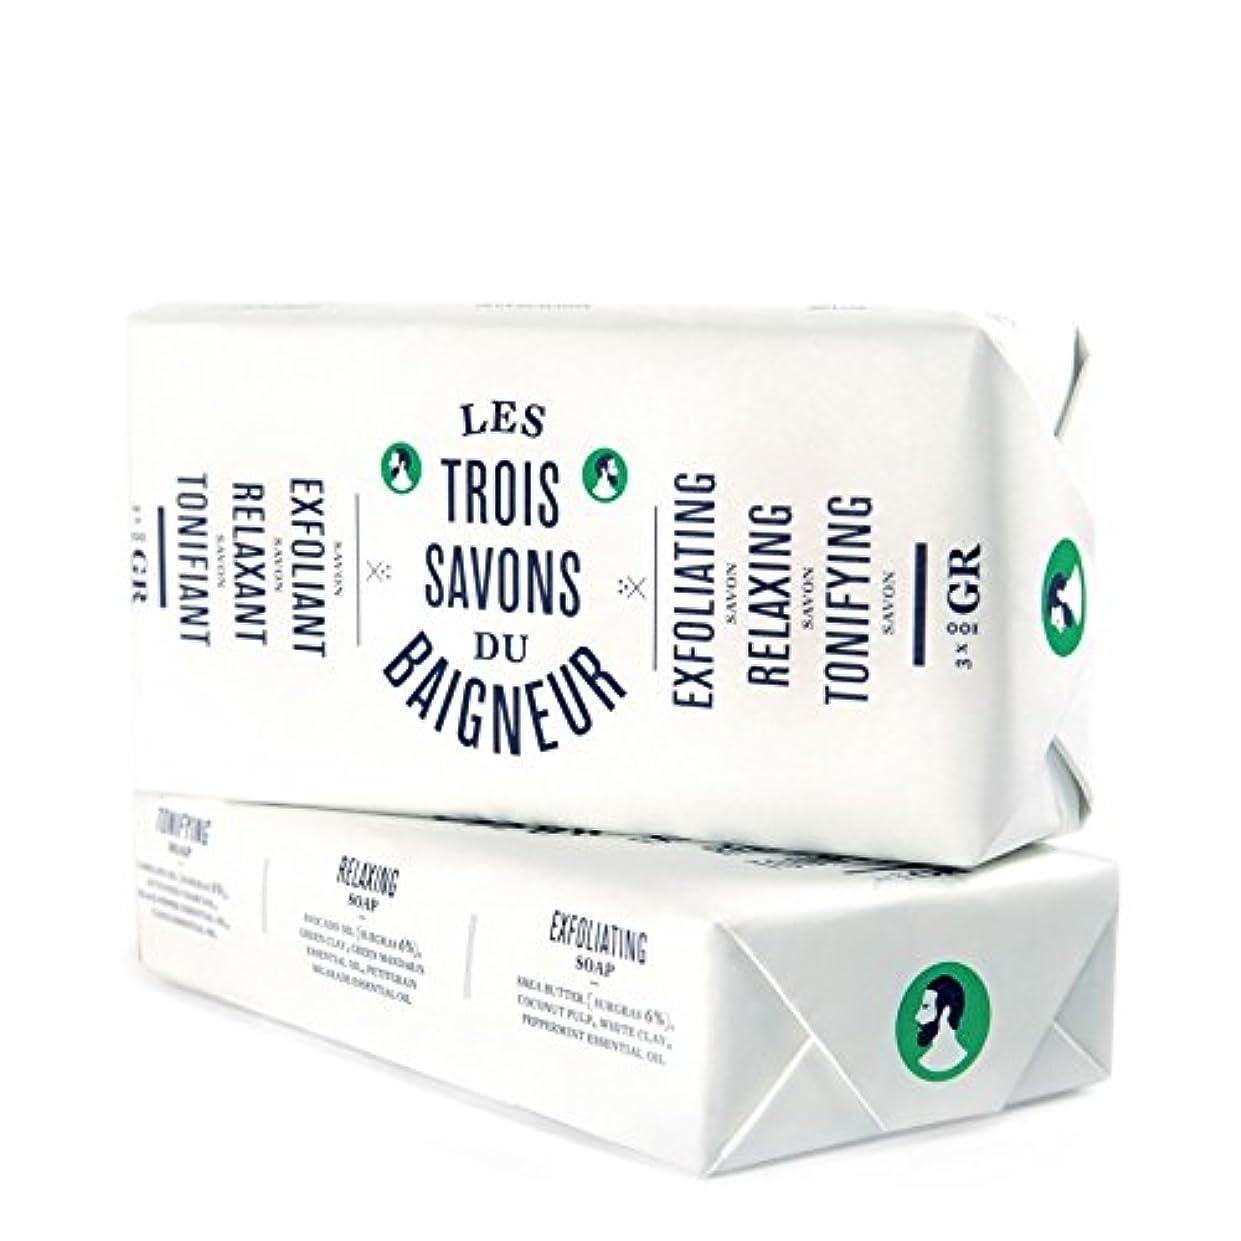 呼ぶ興奮状況ル石鹸セット300グラム x4 - Le Baigneur Soap Set 300g (Pack of 4) [並行輸入品]